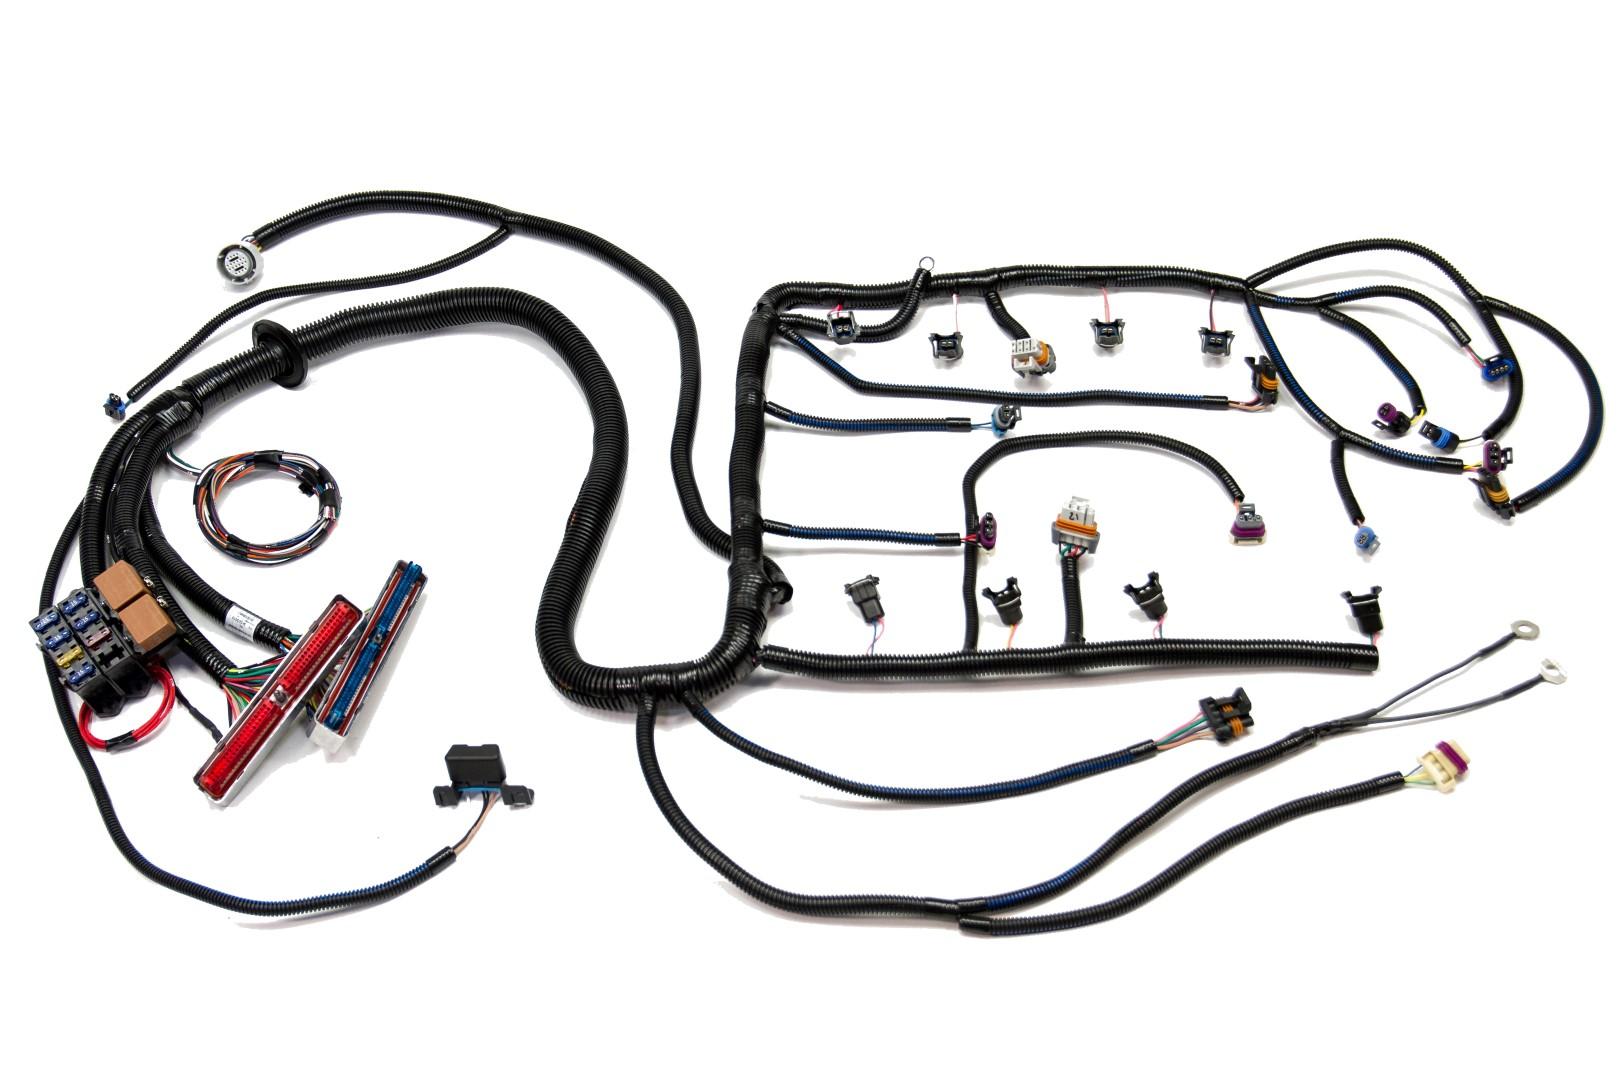 24x lt1 wiring harness